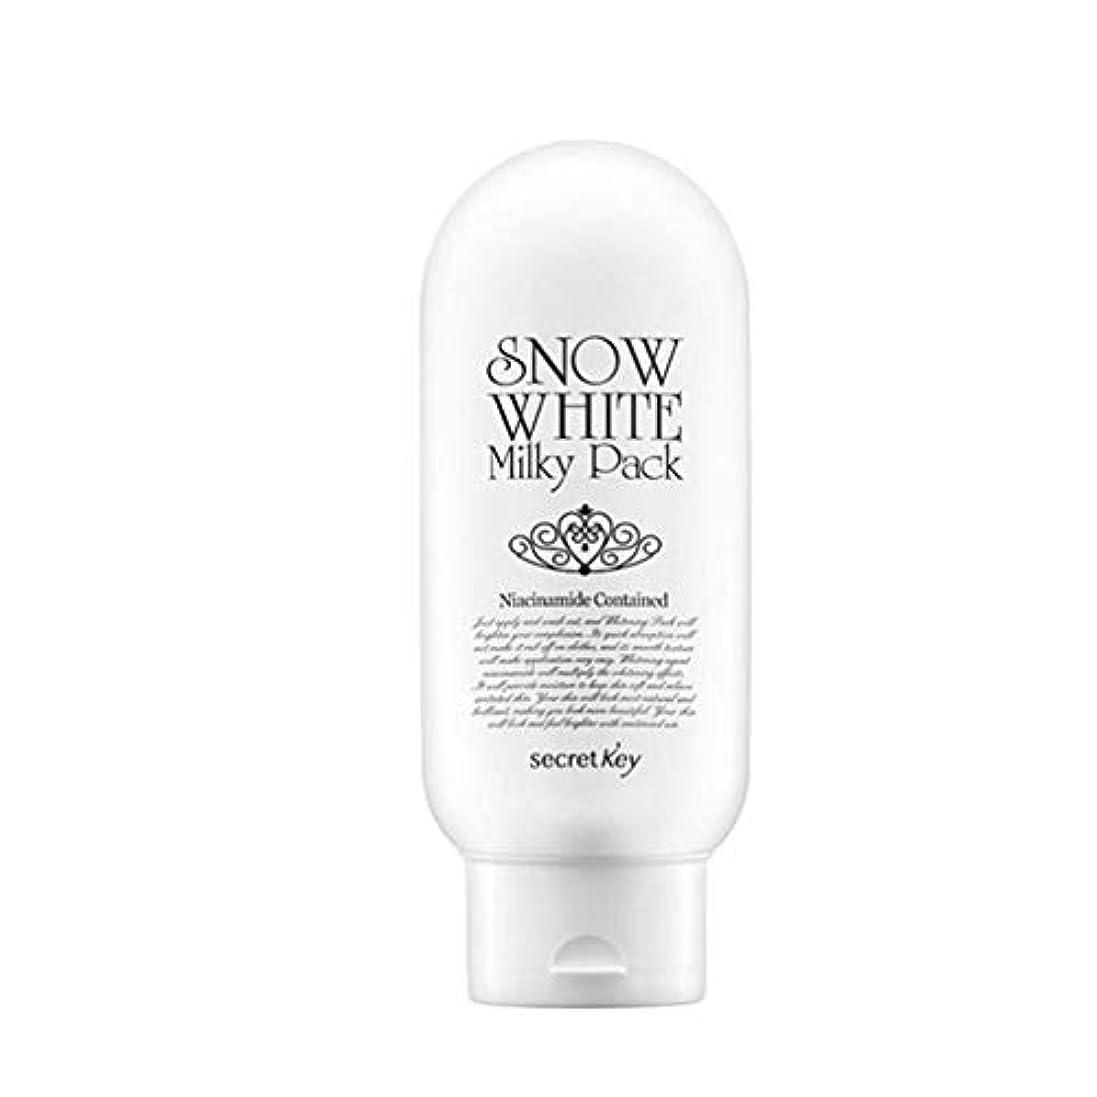 独立恐ろしいです完了シークレットキースノーホワイトミルキーパック200g韓国コスメ、Secret Key Snow White Milky Pack 200g Korean Cosmetics [並行輸入品]